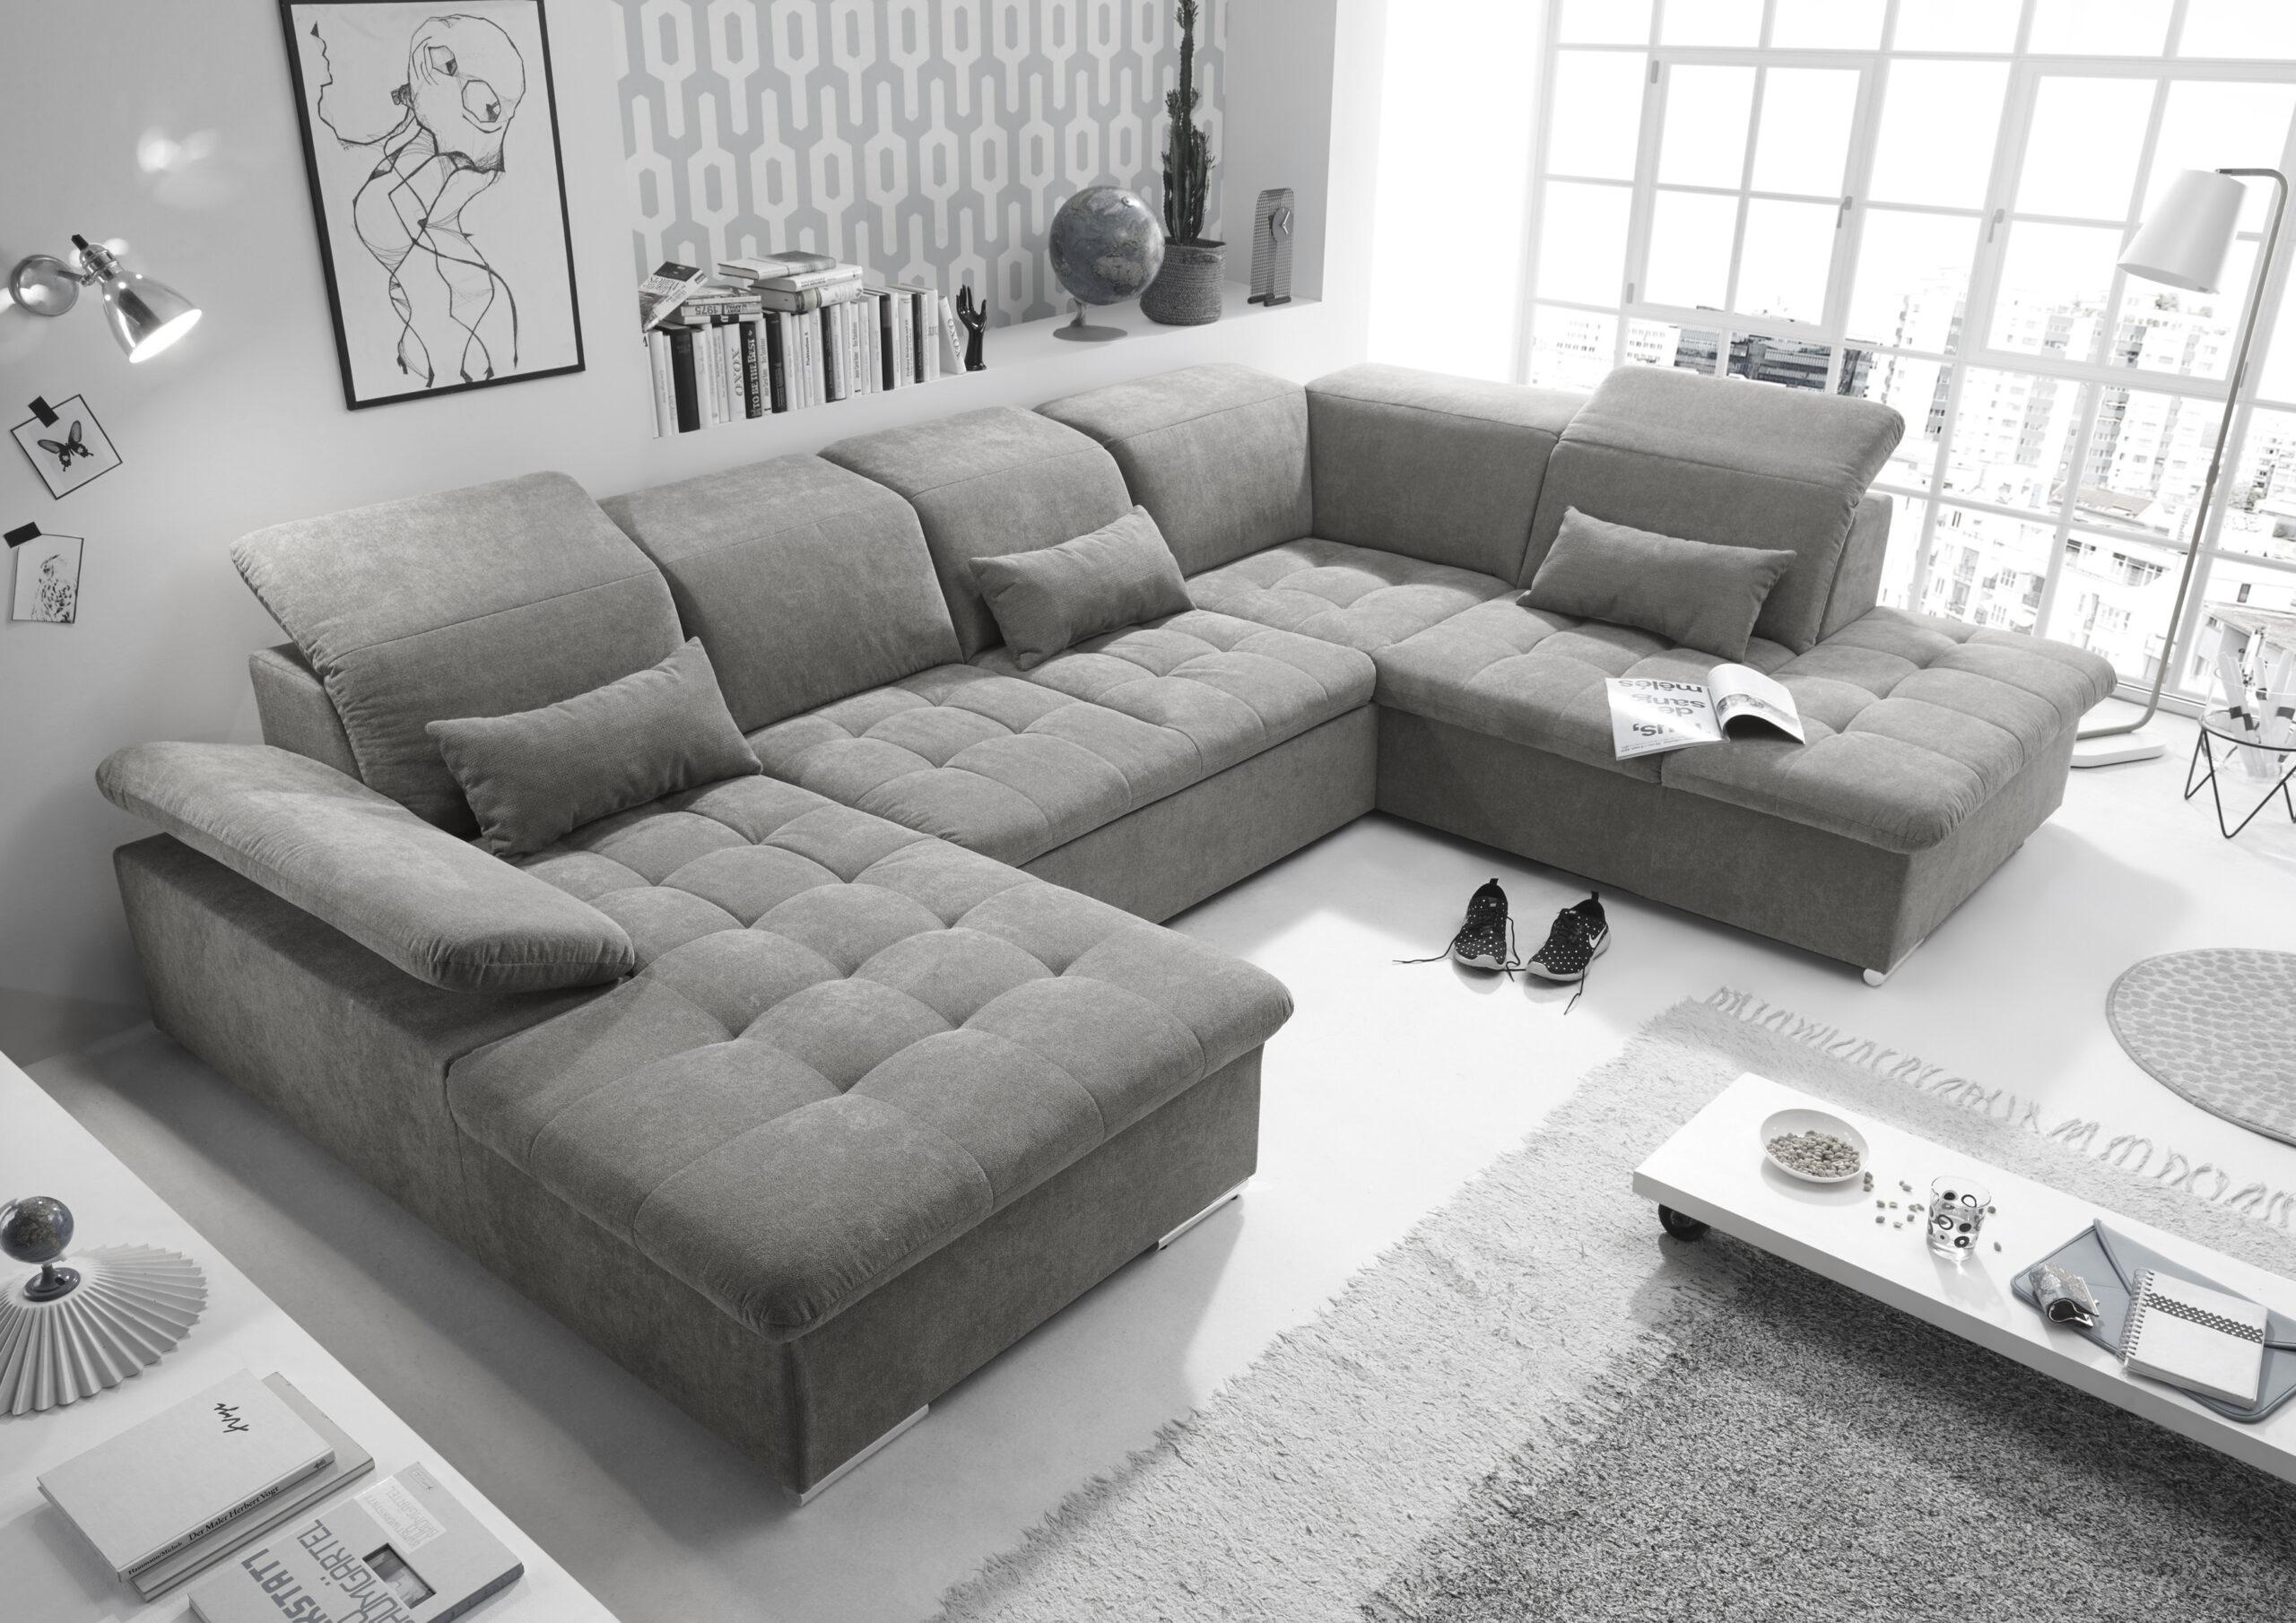 Full Size of Xxl Sofa U Form Couch Wayne R Schlafcouch Wohnlandschaft Schlaffunktion Arten Ruf Bett W Schillig Küche Günstig Kaufen Cadzand Bad Ferienhaus Industriedesign Sofa Xxl Sofa U Form